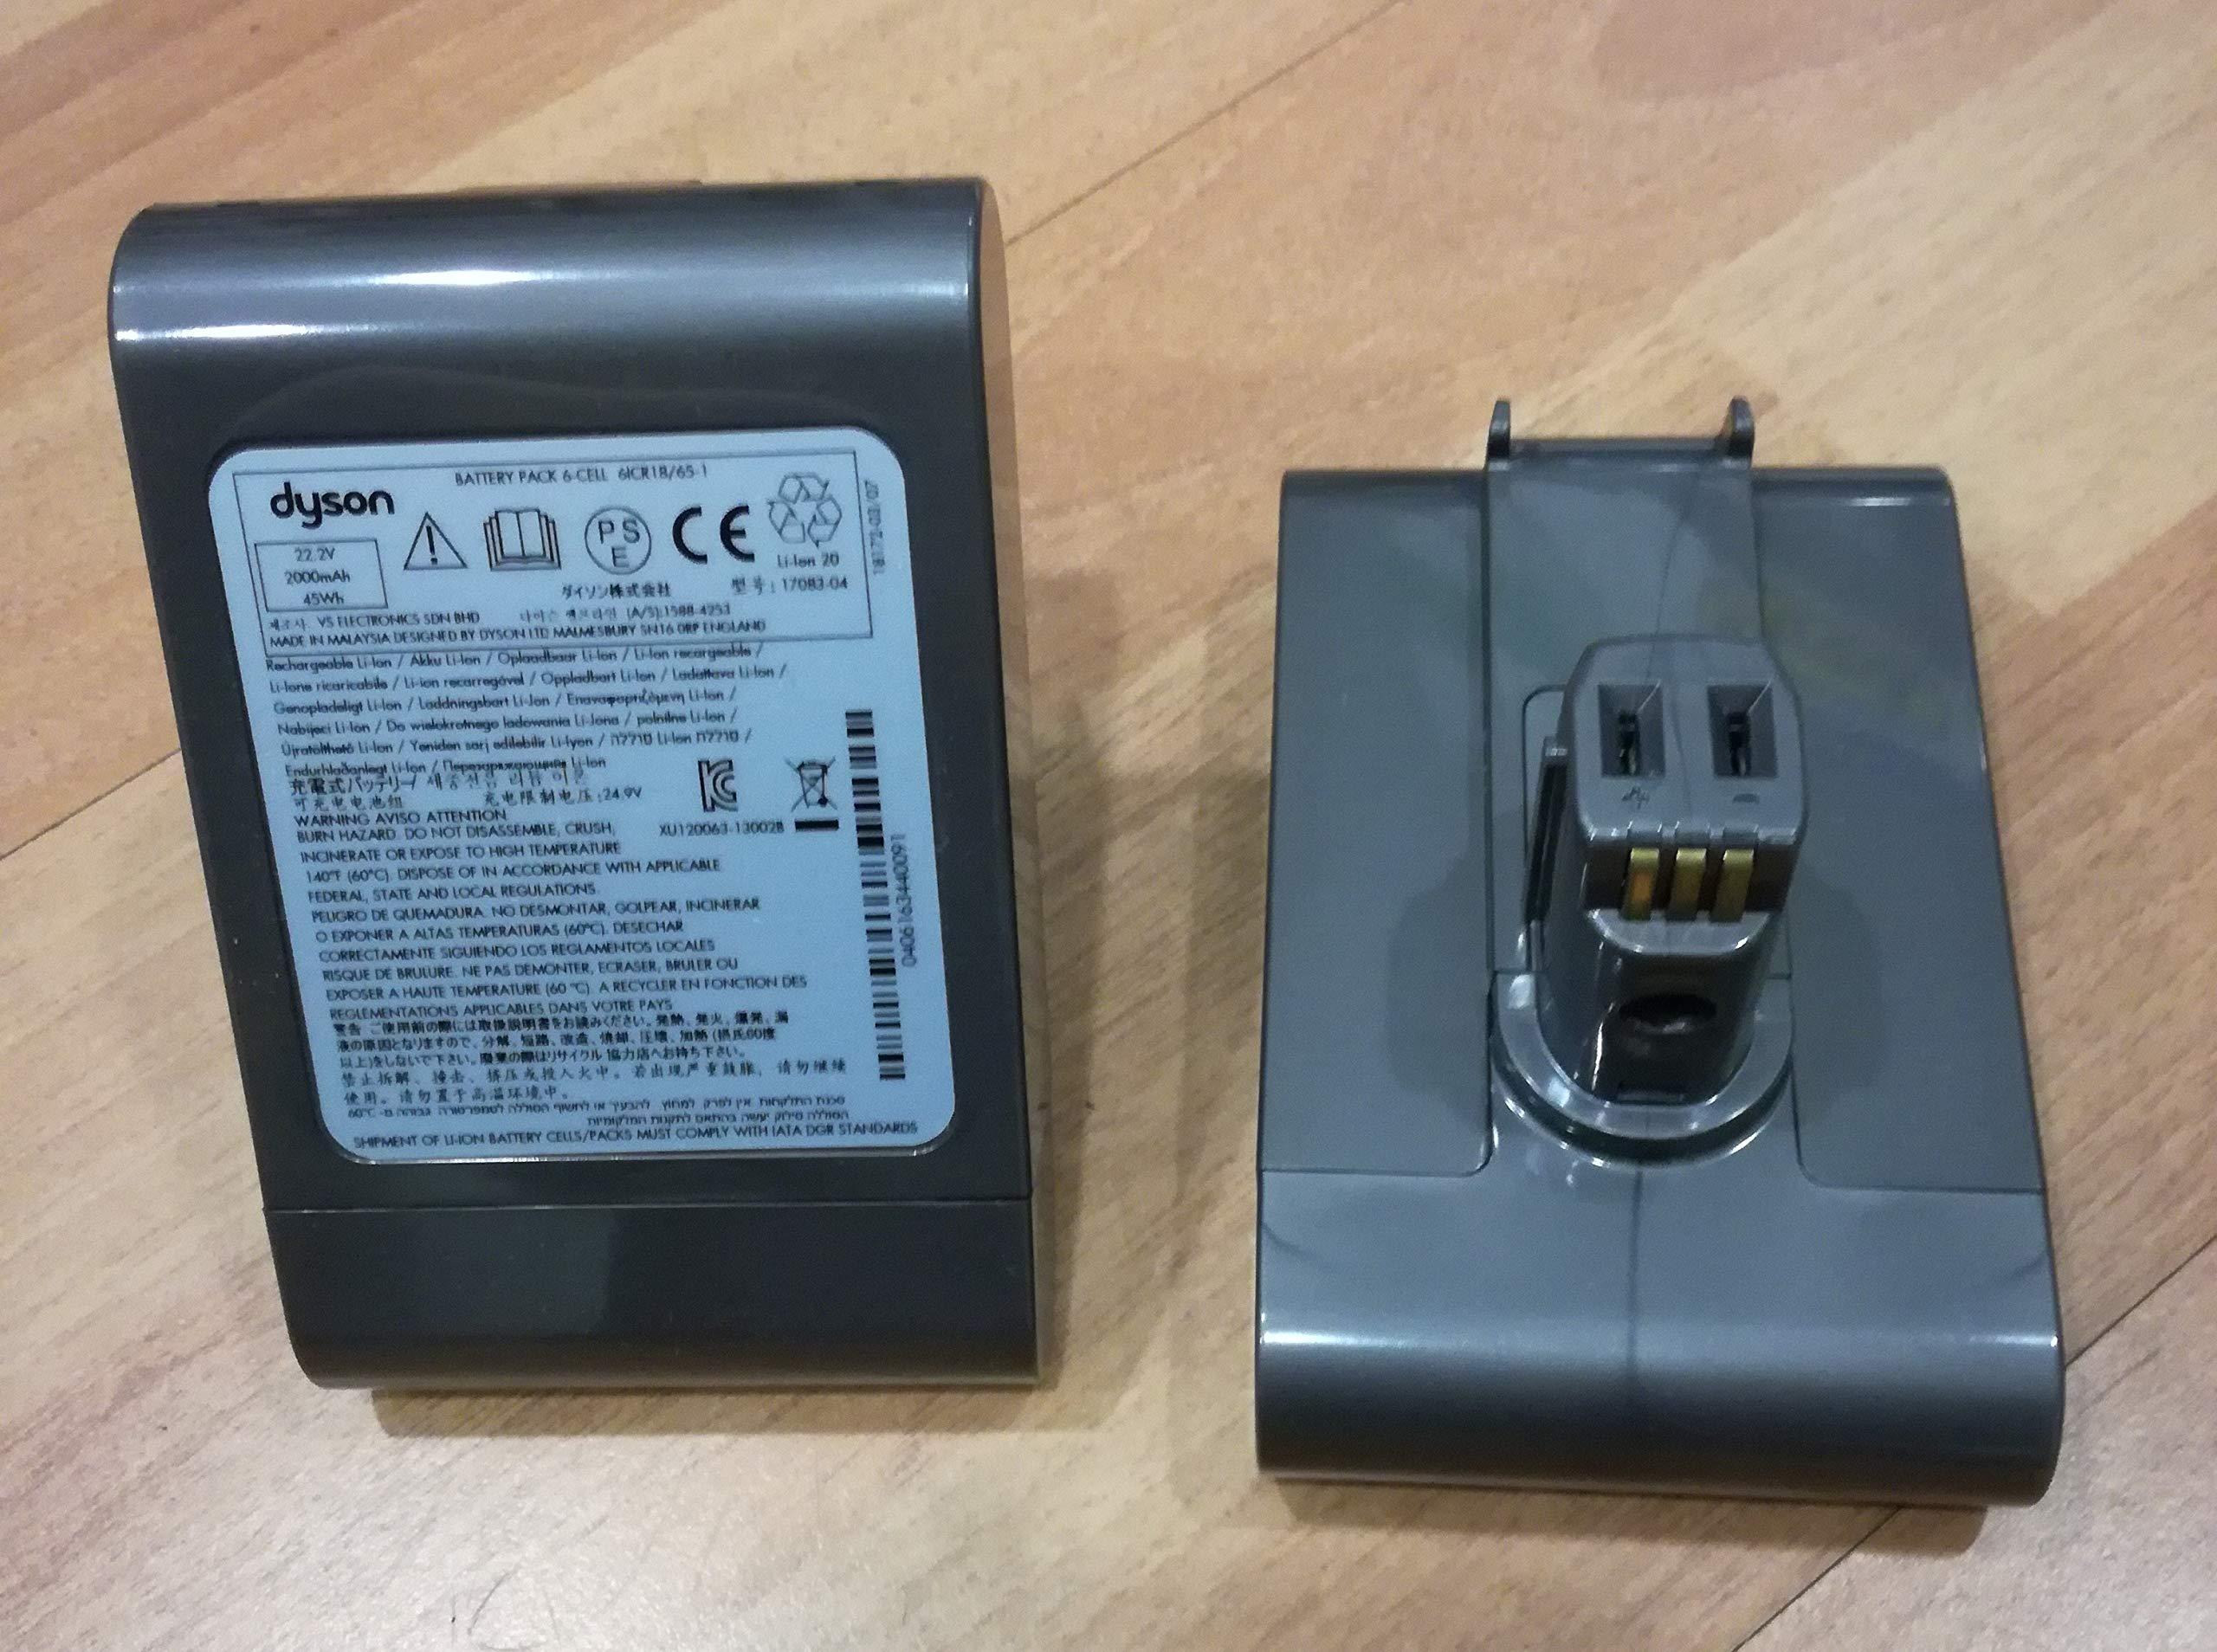 Batería para aspiradora original Dyson DC45 17083-04 917083-04, 22,2 V, 2000 mAh, 45 Wh, batería de iones de litio: Amazon.es: Electrónica